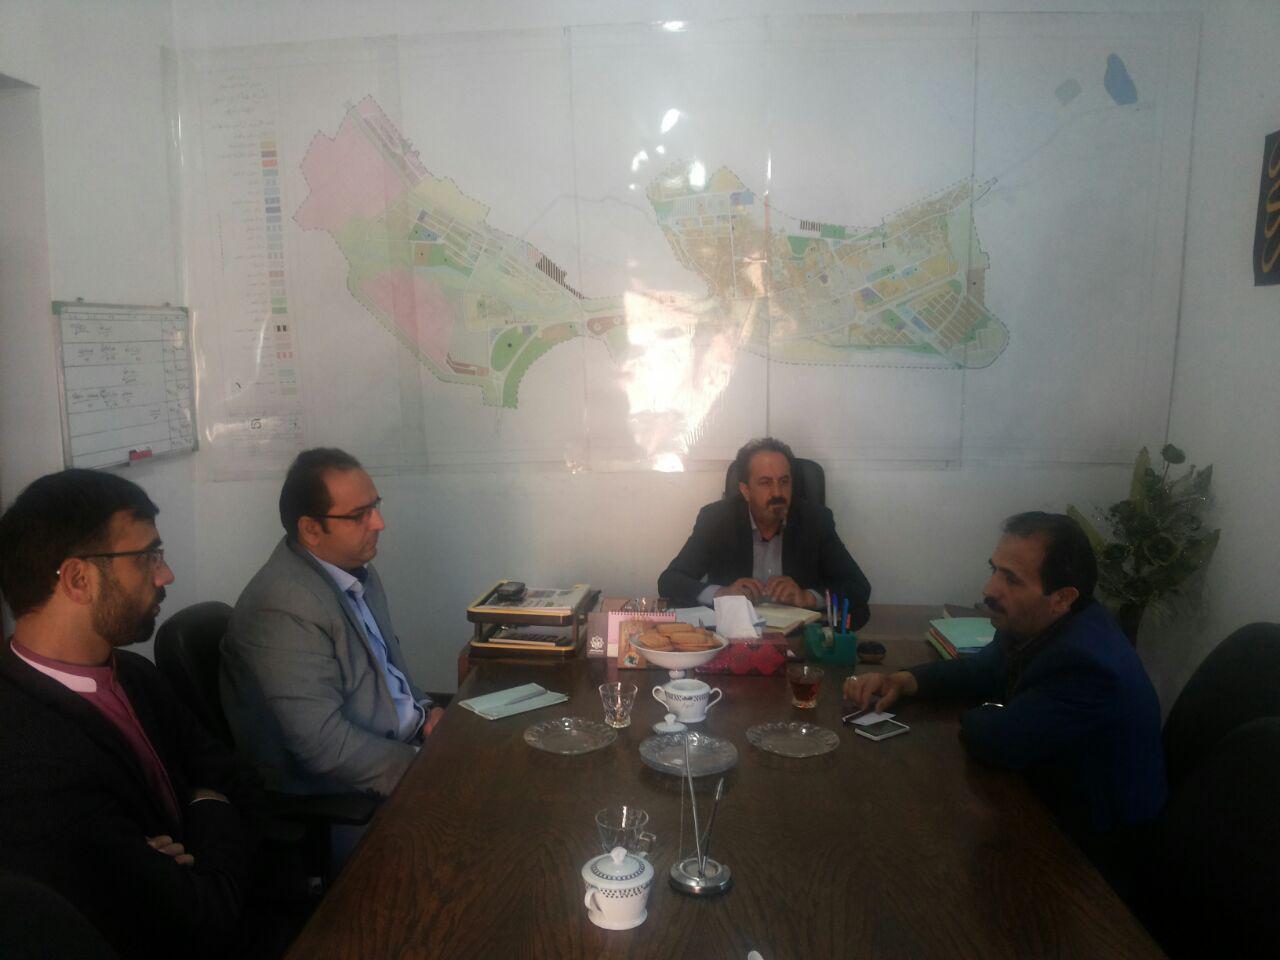 جلسه هماهنگی برگزاری مراسم نیمه شعبان در محل شورای شهر برگزار شد